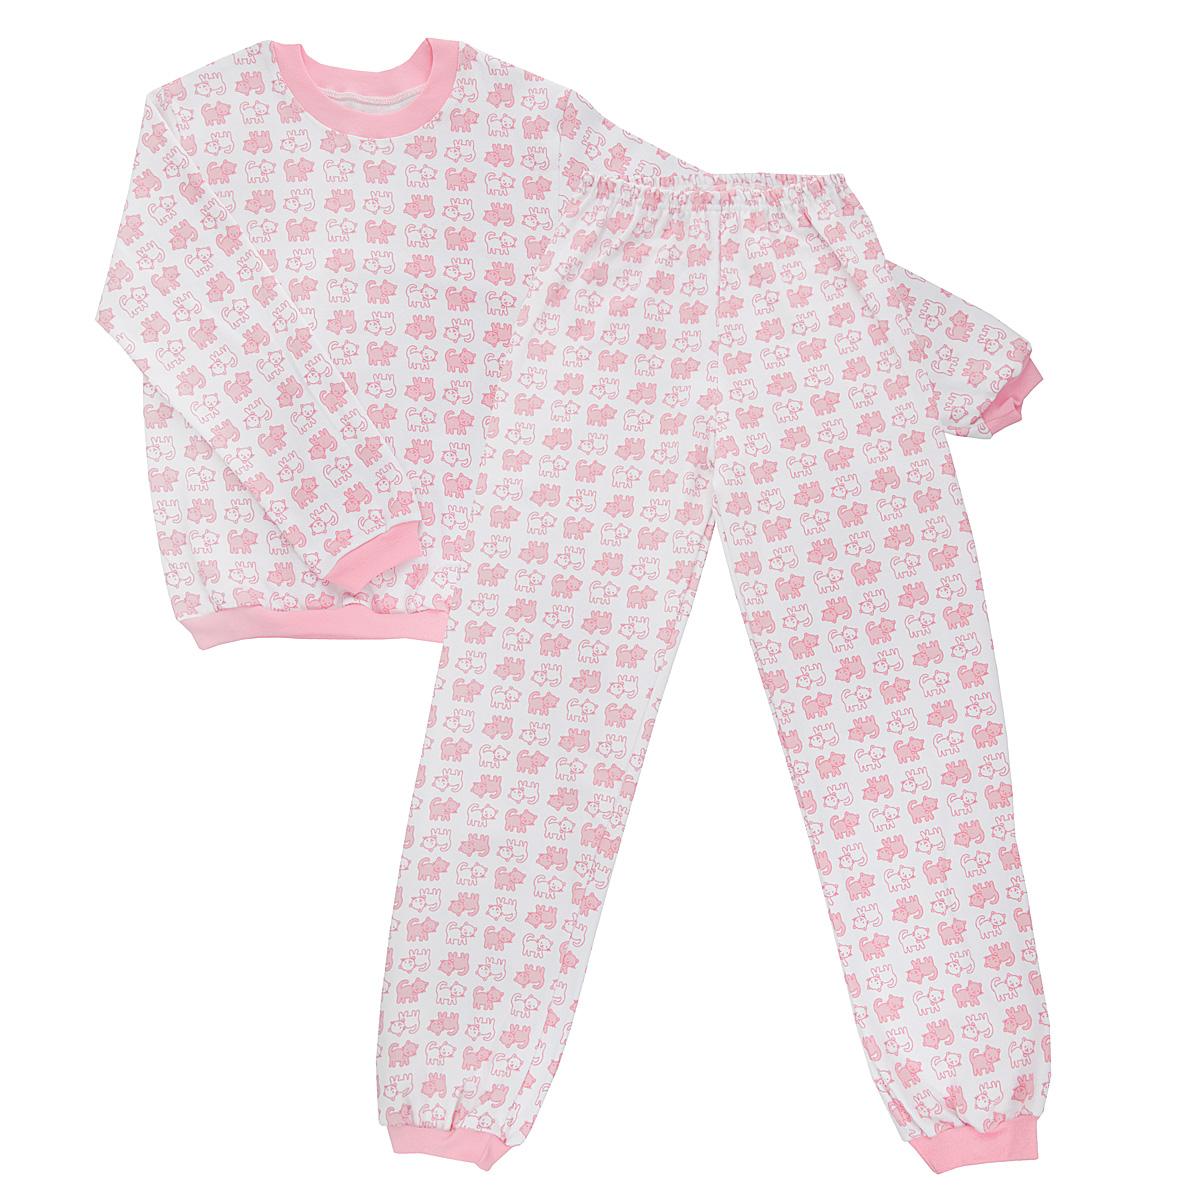 Пижама детская Трон-плюс, цвет: белый, розовый. 5555_котенок. Размер 110/116, 4-8 лет5555_котенокУютная детская пижама Трон-плюс, состоящая из джемпера и брюк, идеально подойдет вашему ребенку и станет отличным дополнением к детскому гардеробу. Изготовленная из интерлока, она необычайно мягкая и легкая, не сковывает движения, позволяет коже дышать и не раздражает даже самую нежную и чувствительную кожу ребенка. Трикотажный джемпер с длинными рукавами имеет круглый вырез горловины. Низ изделия, рукава и вырез горловины дополнены эластичной трикотажной резинкой контрастного цвета.Брюки на талии имеют эластичную резинку, благодаря чему не сдавливают живот ребенка и не сползают. Низ брючин дополнен широкими эластичными манжетами контрастного цвета.Оформлено изделие оригинальным принтом с изображением котят. В такой пижаме ваш ребенок будет чувствовать себя комфортно и уютно во время сна.